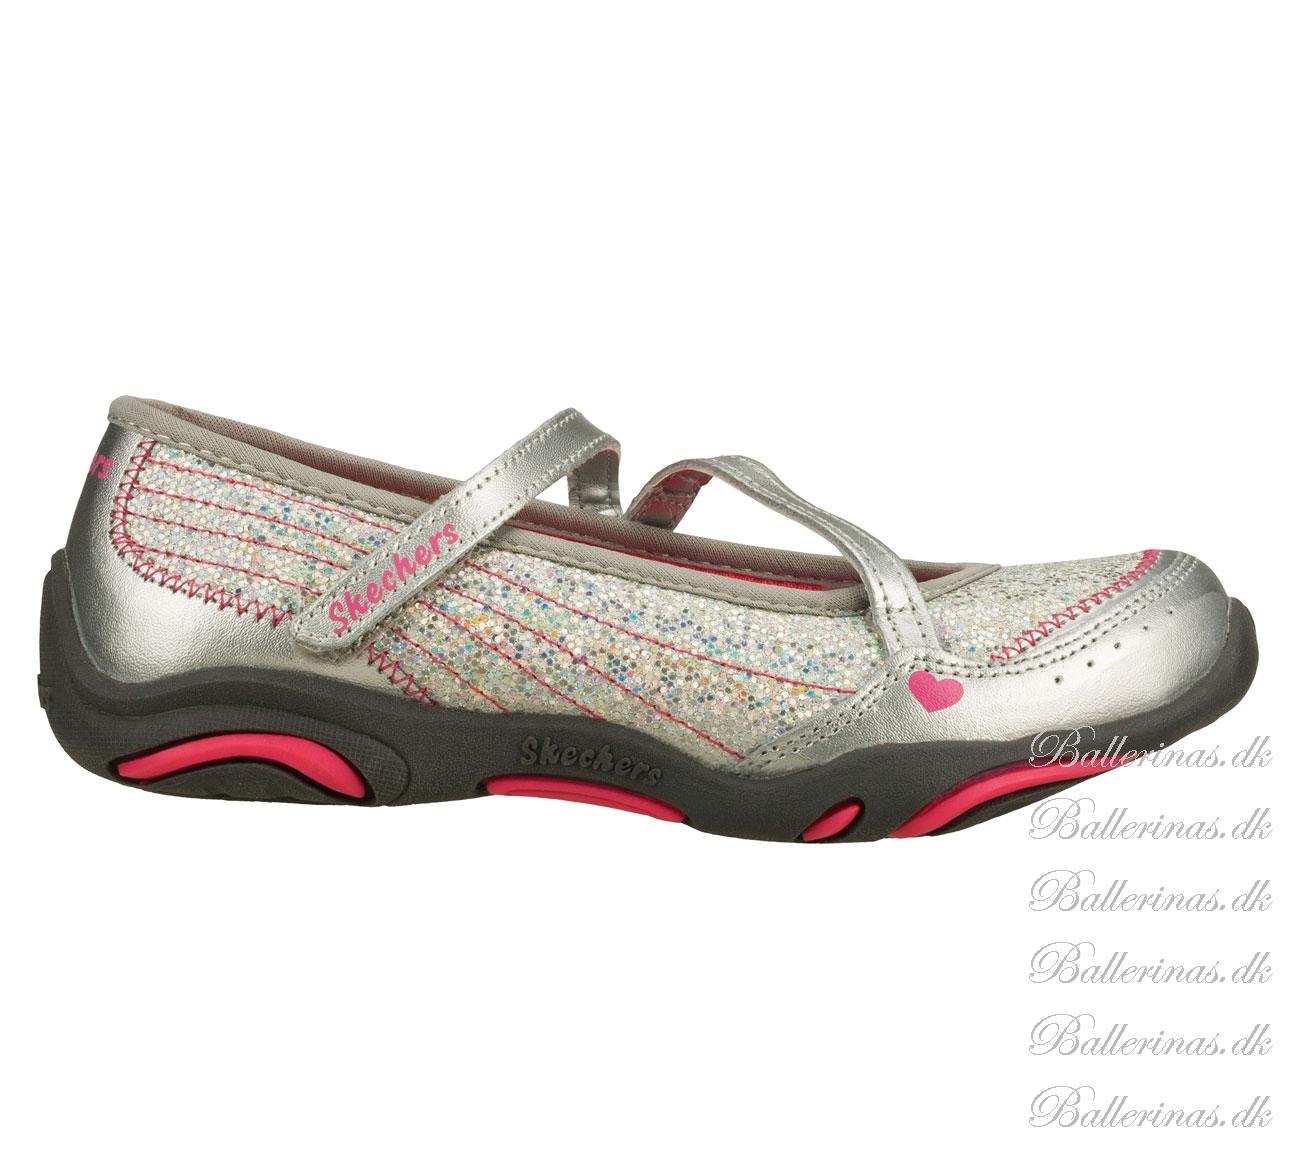 """Skechers """"Speedy Sparkler"""" Ballerina Schuhe Silber Glitter ..."""